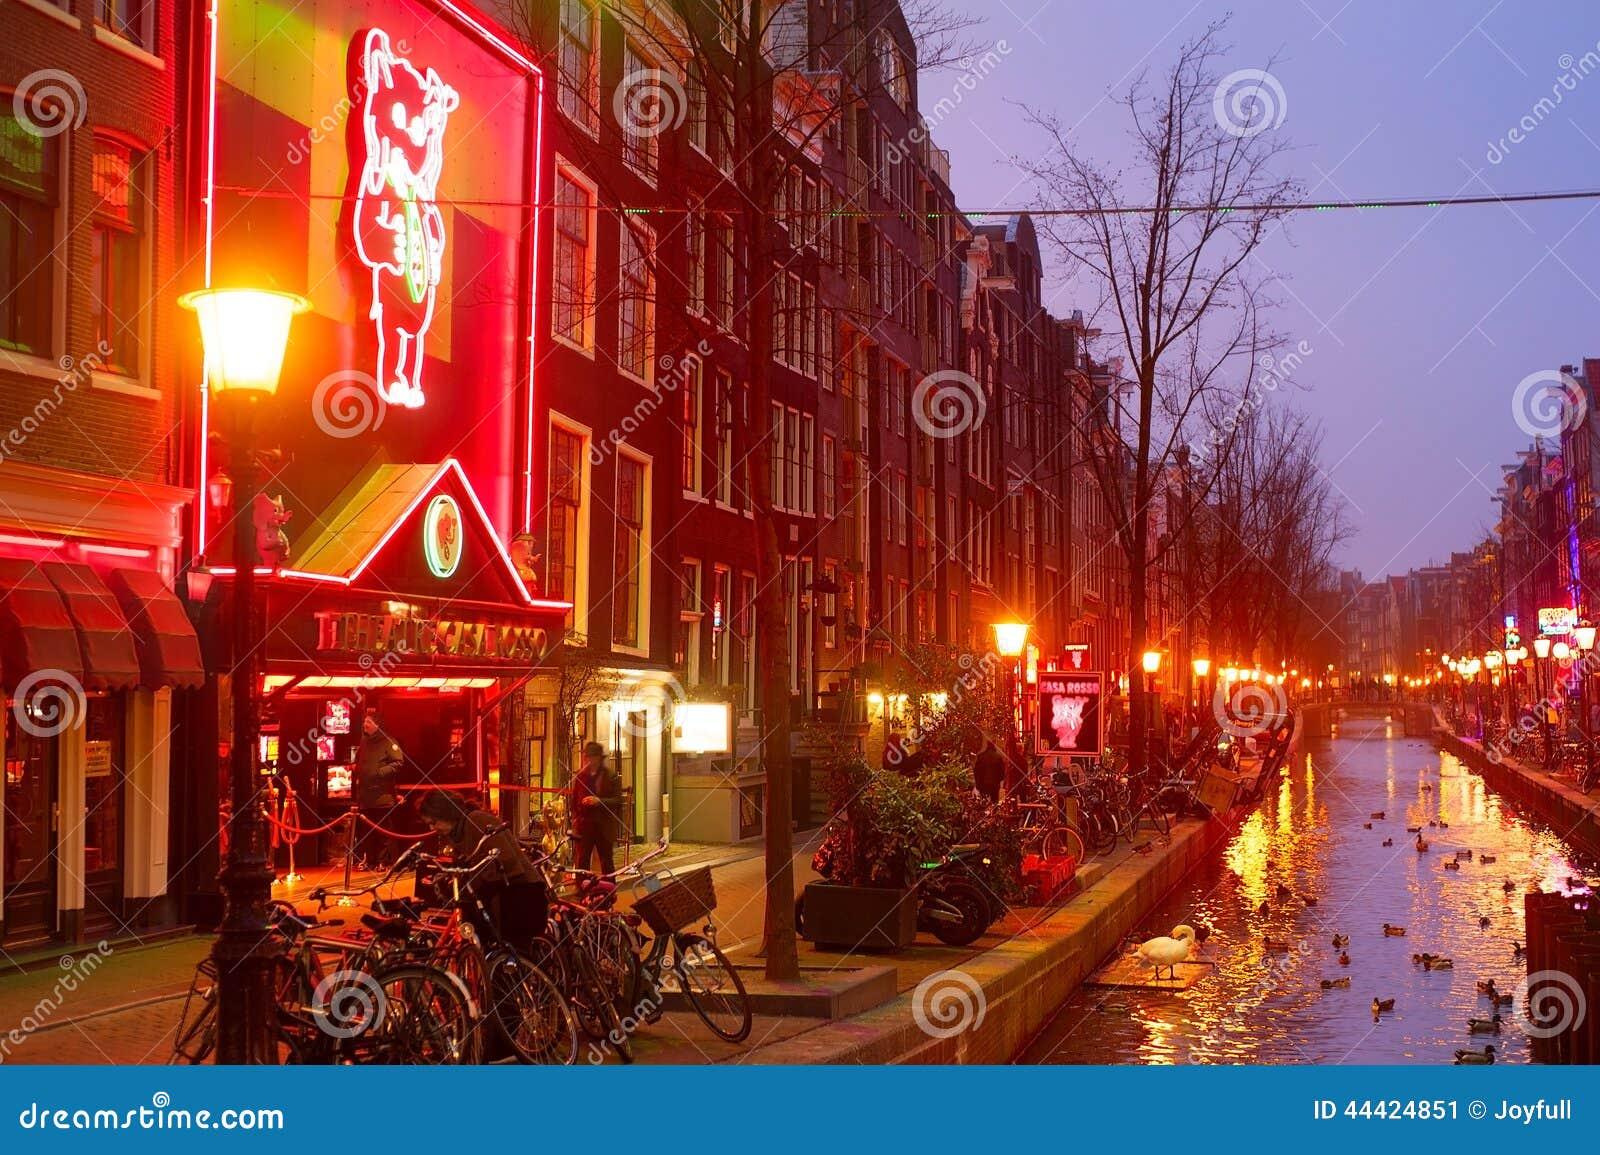 Licht Tour Amsterdam : Rotes licht amsterdam redaktionelles foto bild von erwachsener